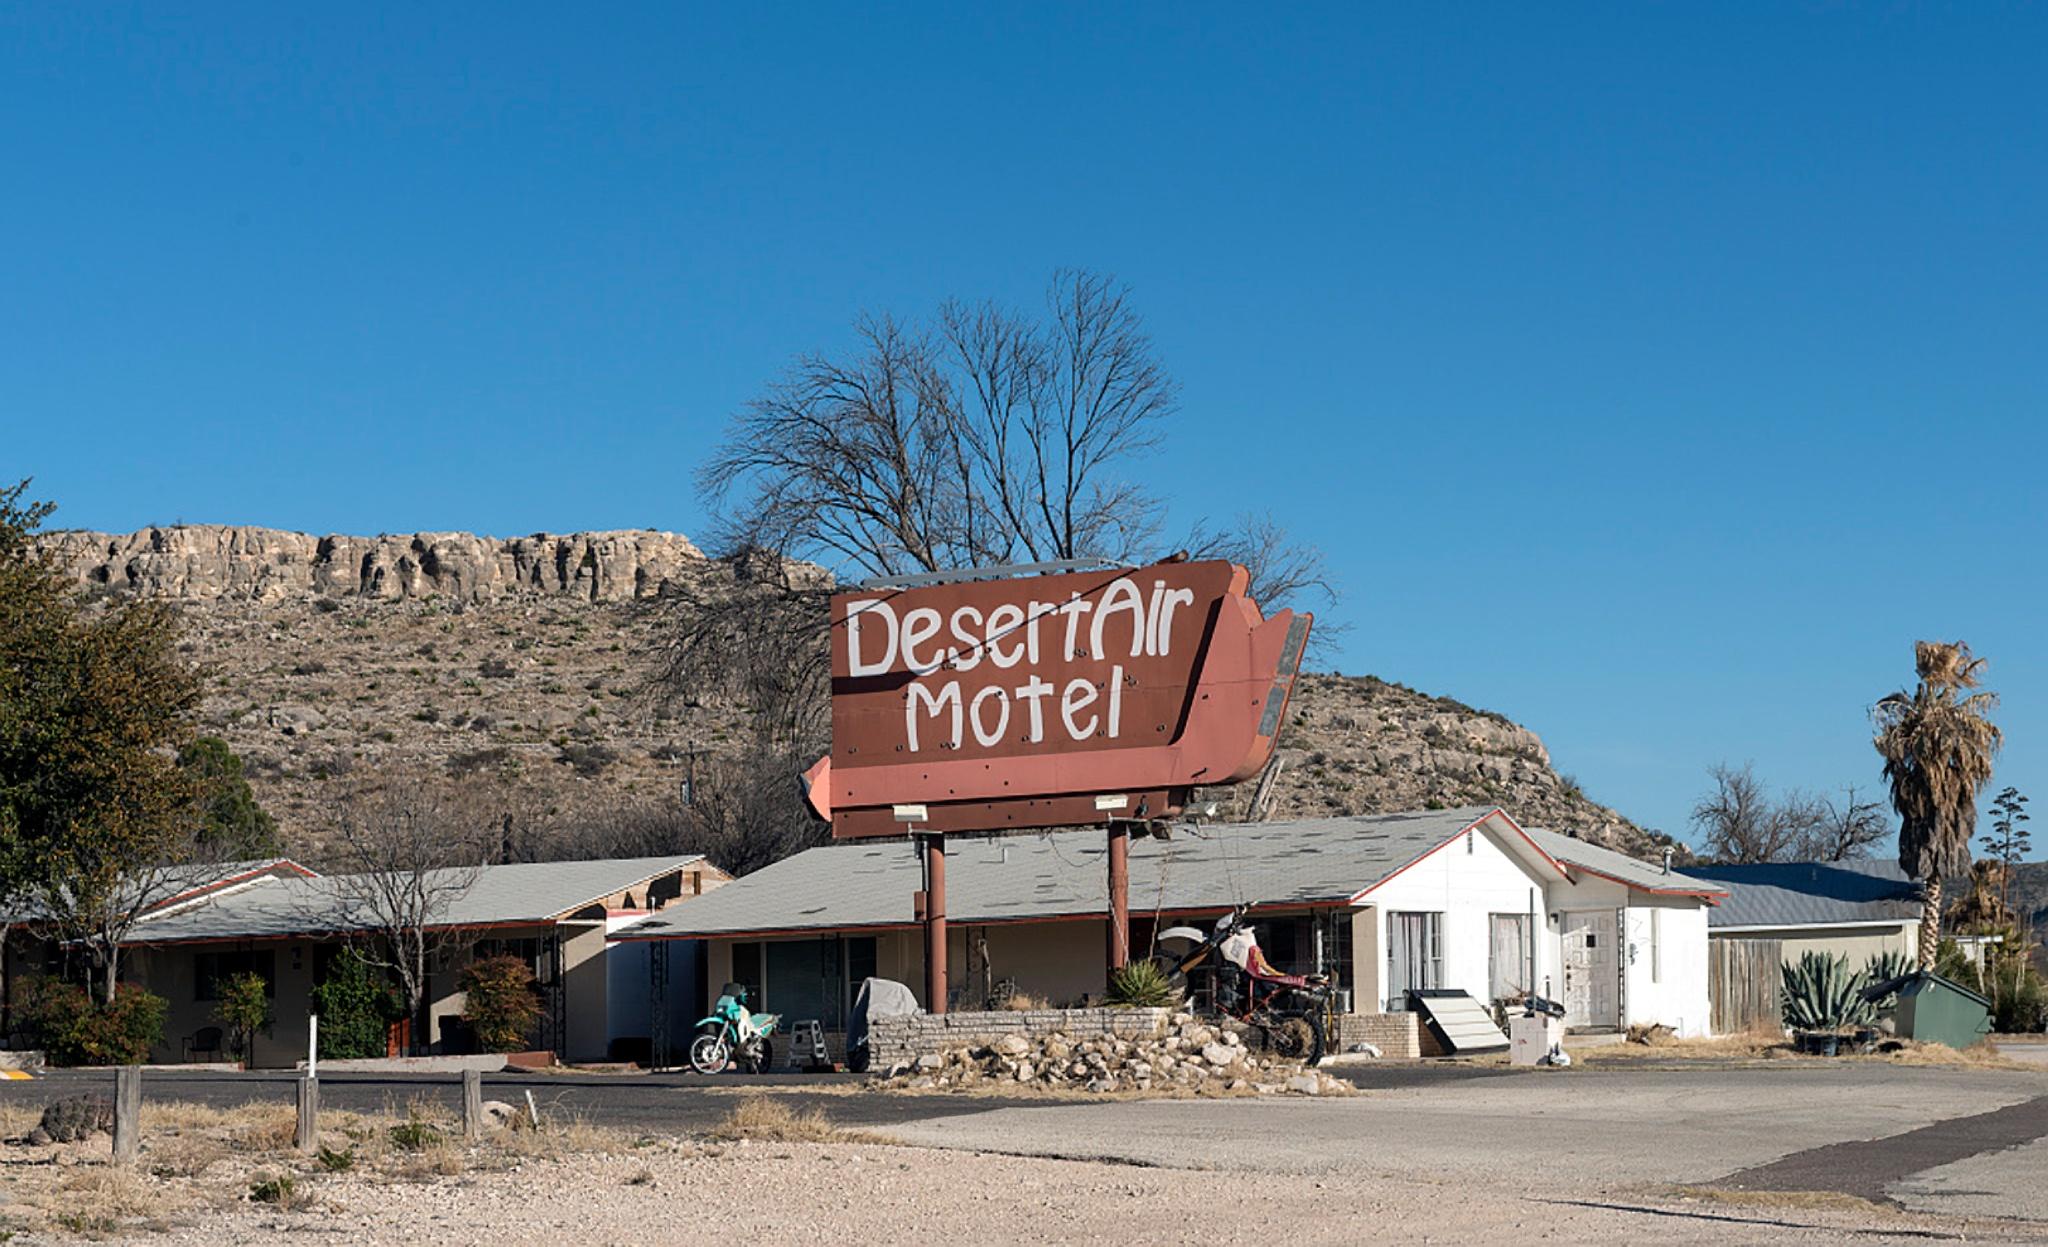 Gambar Pemandangan Alam Kota Liburan Perjalanan Desa Motel